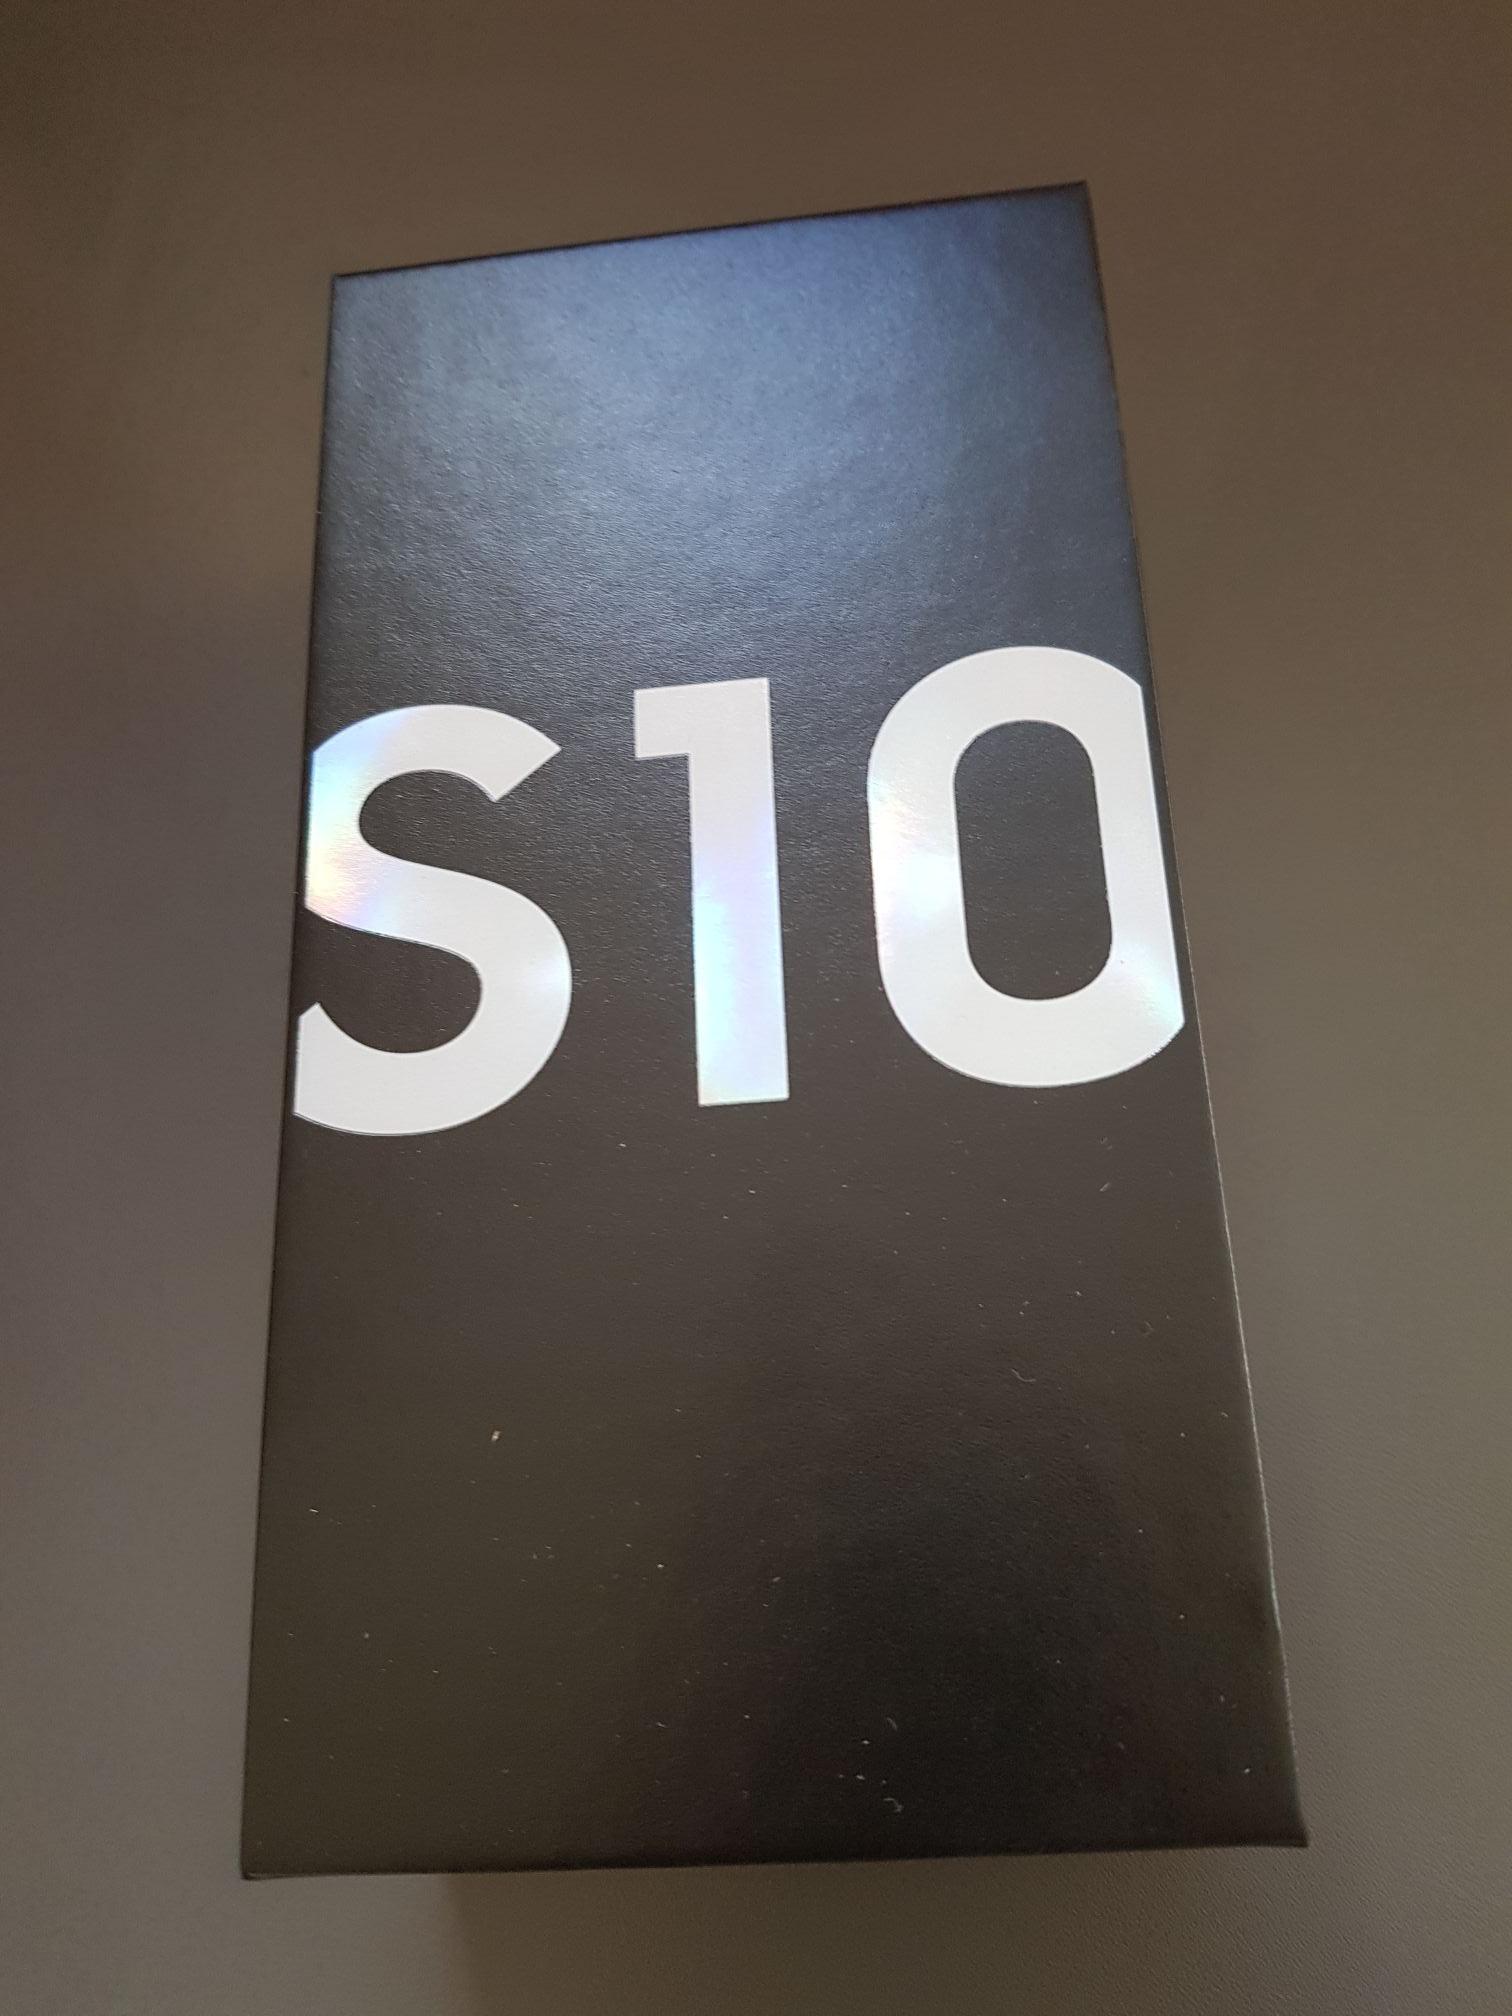 Samsung Galaxy s10 ponowne otwarcie salonu Łódź